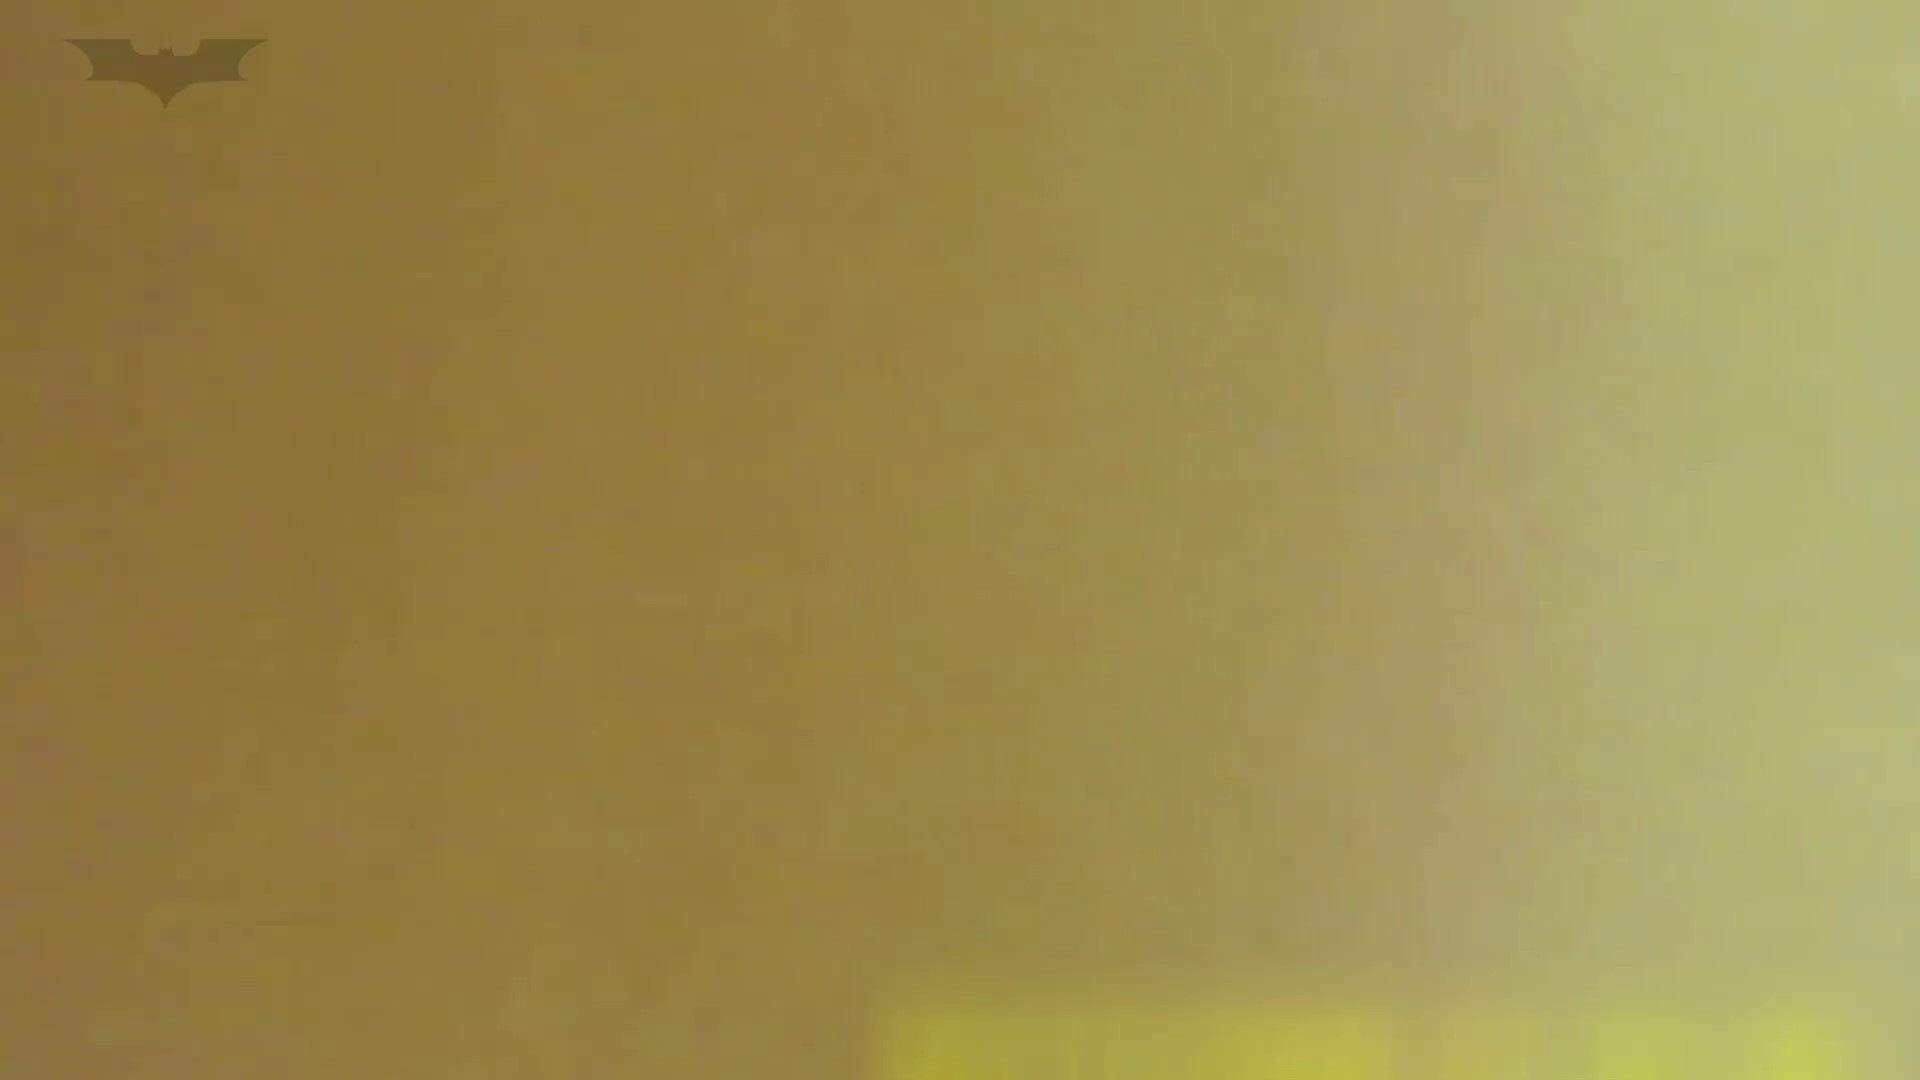 夏の思い出浜辺トイレ盗撮Vol.19 トイレのぞき AV動画キャプチャ 103画像 20